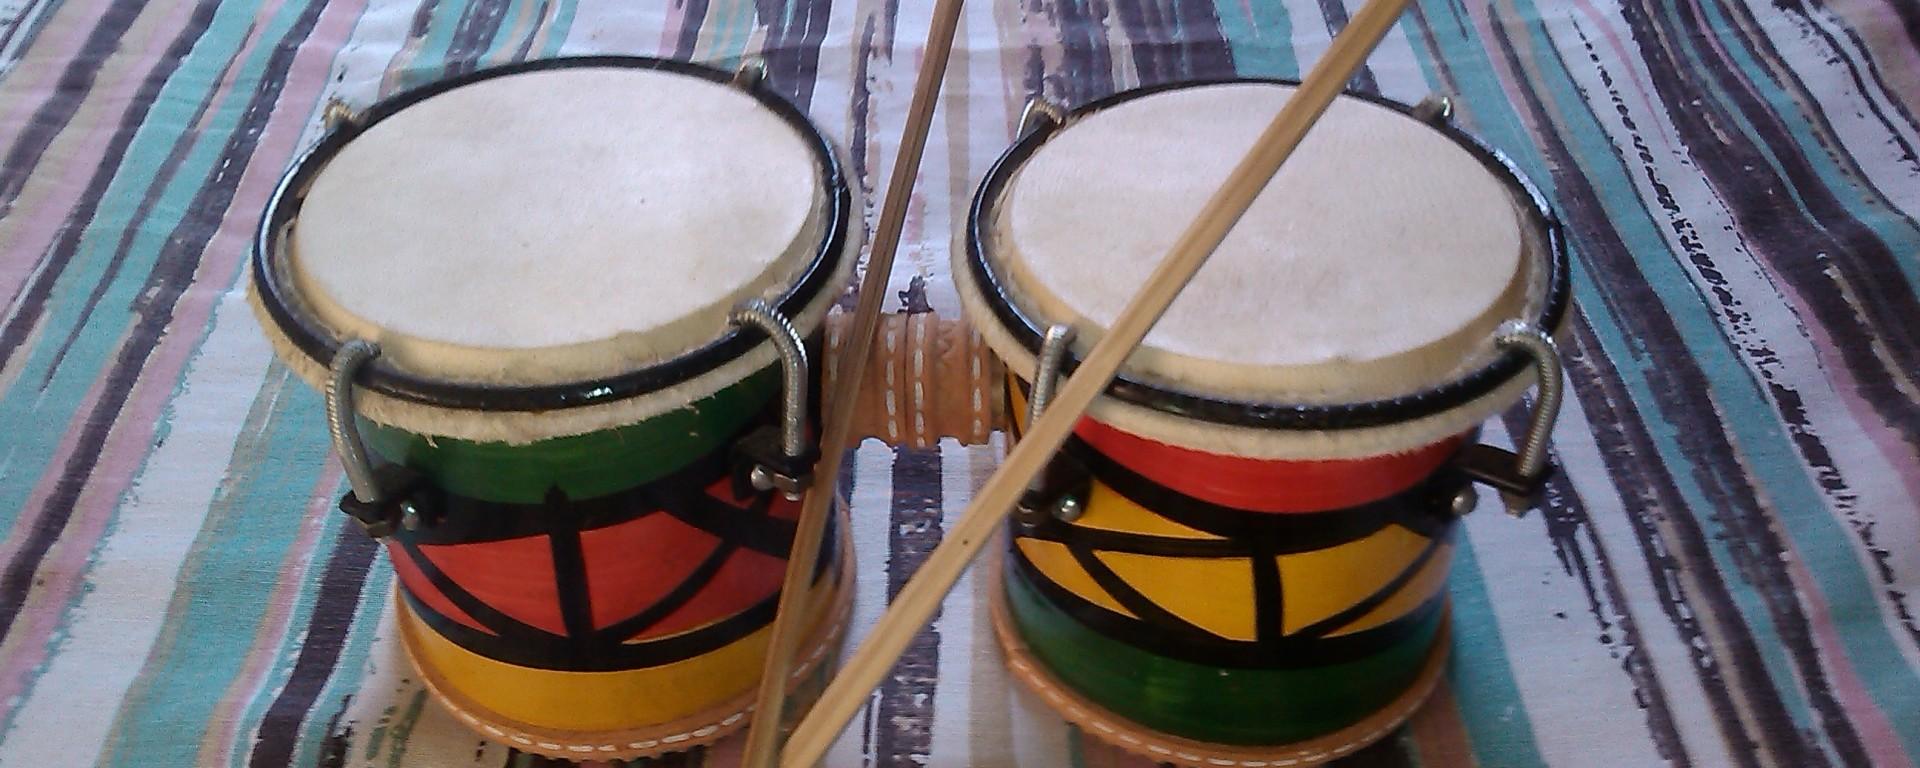 Instrumento musical para sessão de Equoterapia.